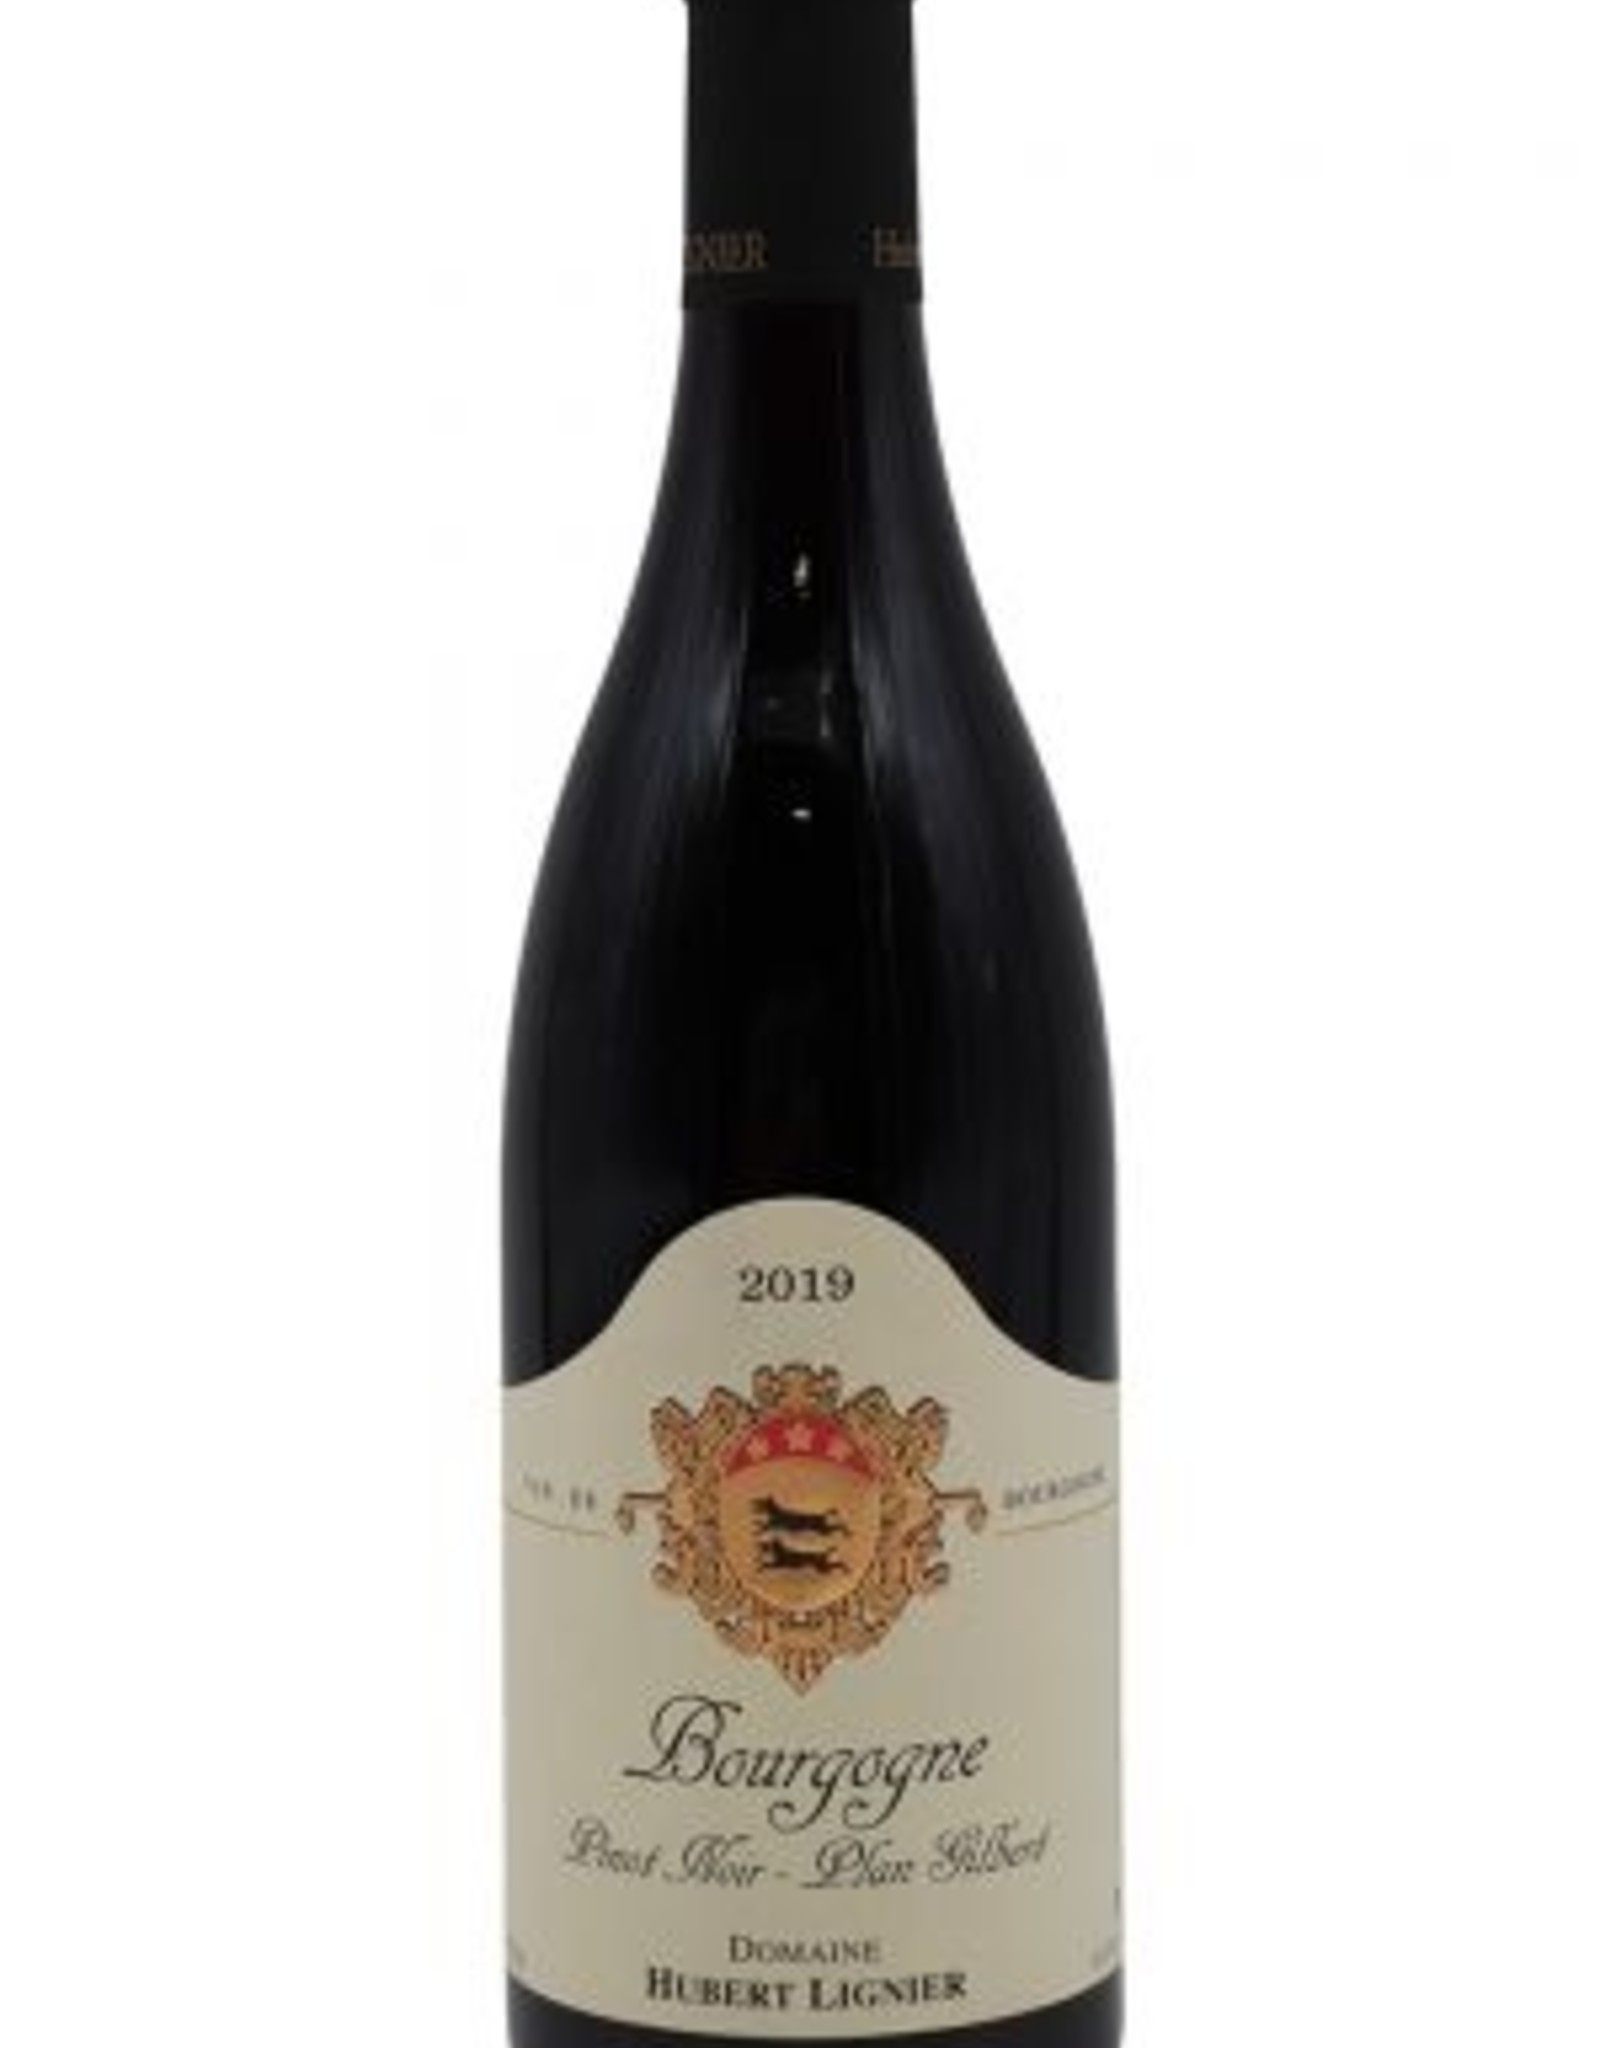 Bourgogne Passetoutgrain, HUBERT Lignier 2019